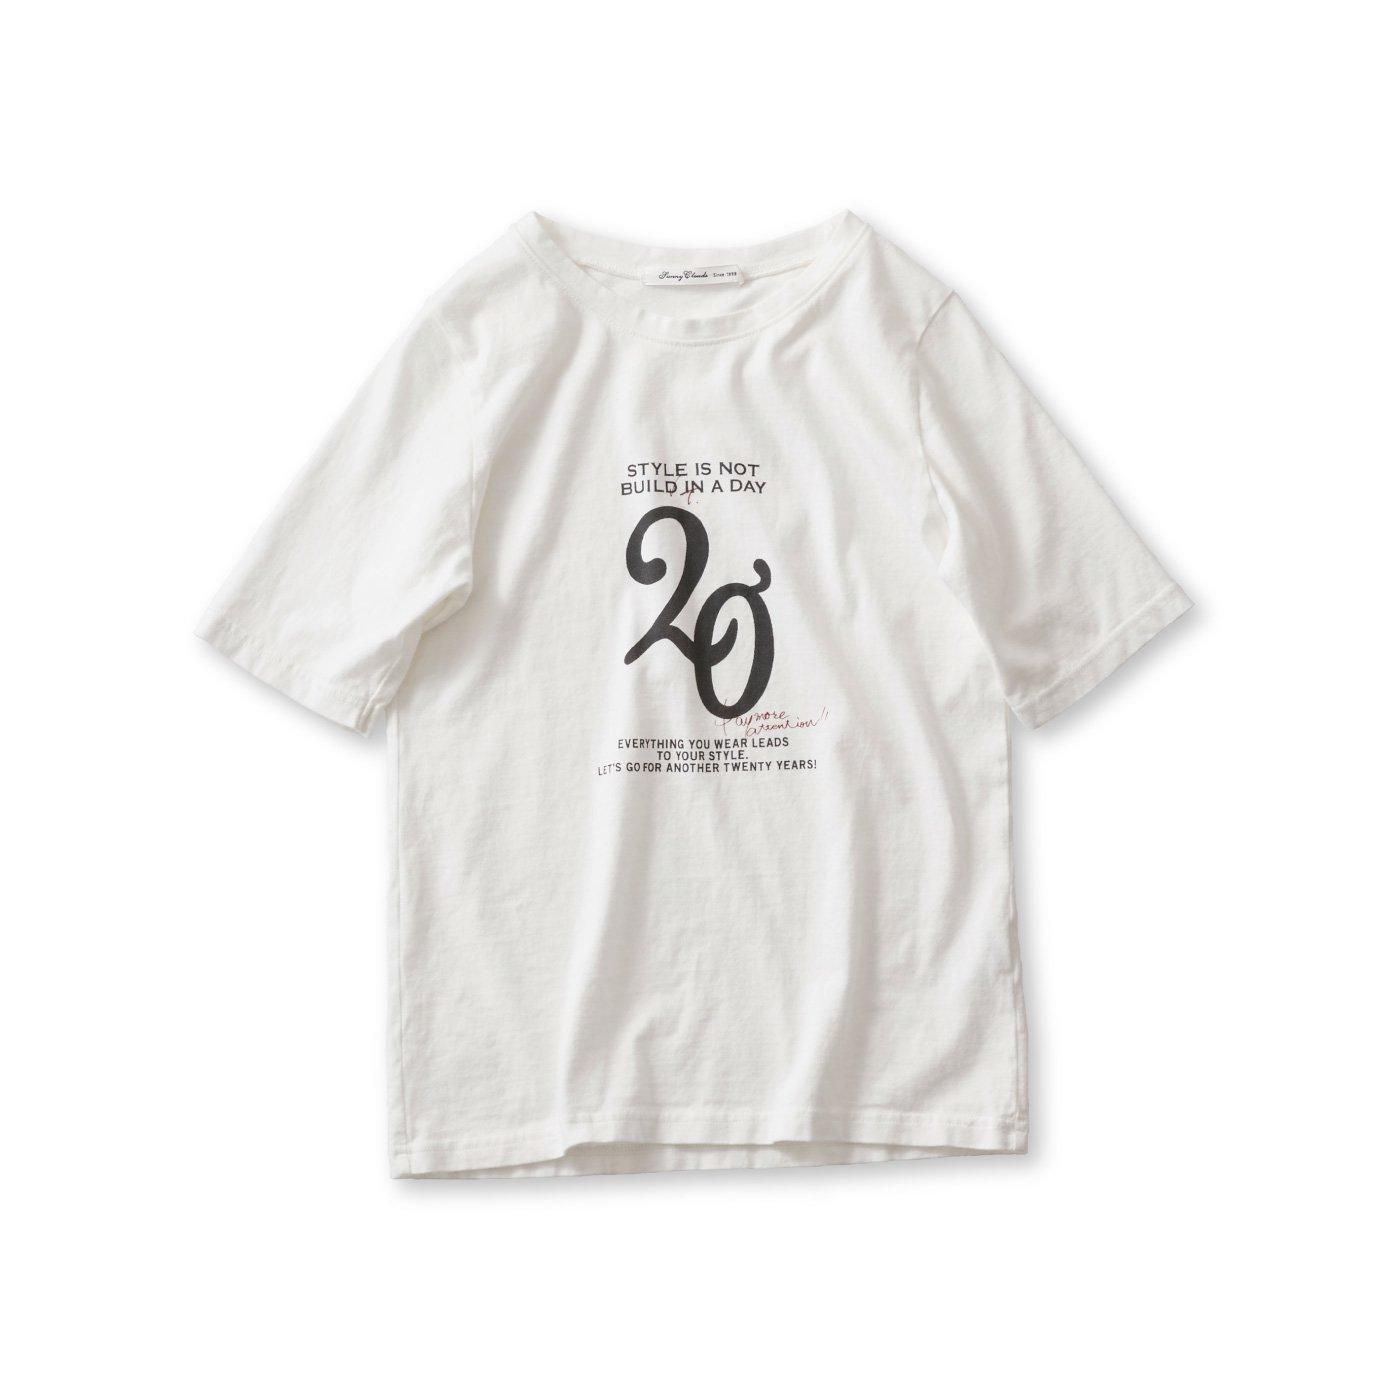 サニークラウズ 添削済みの二十歳Tシャツ〈レディース〉